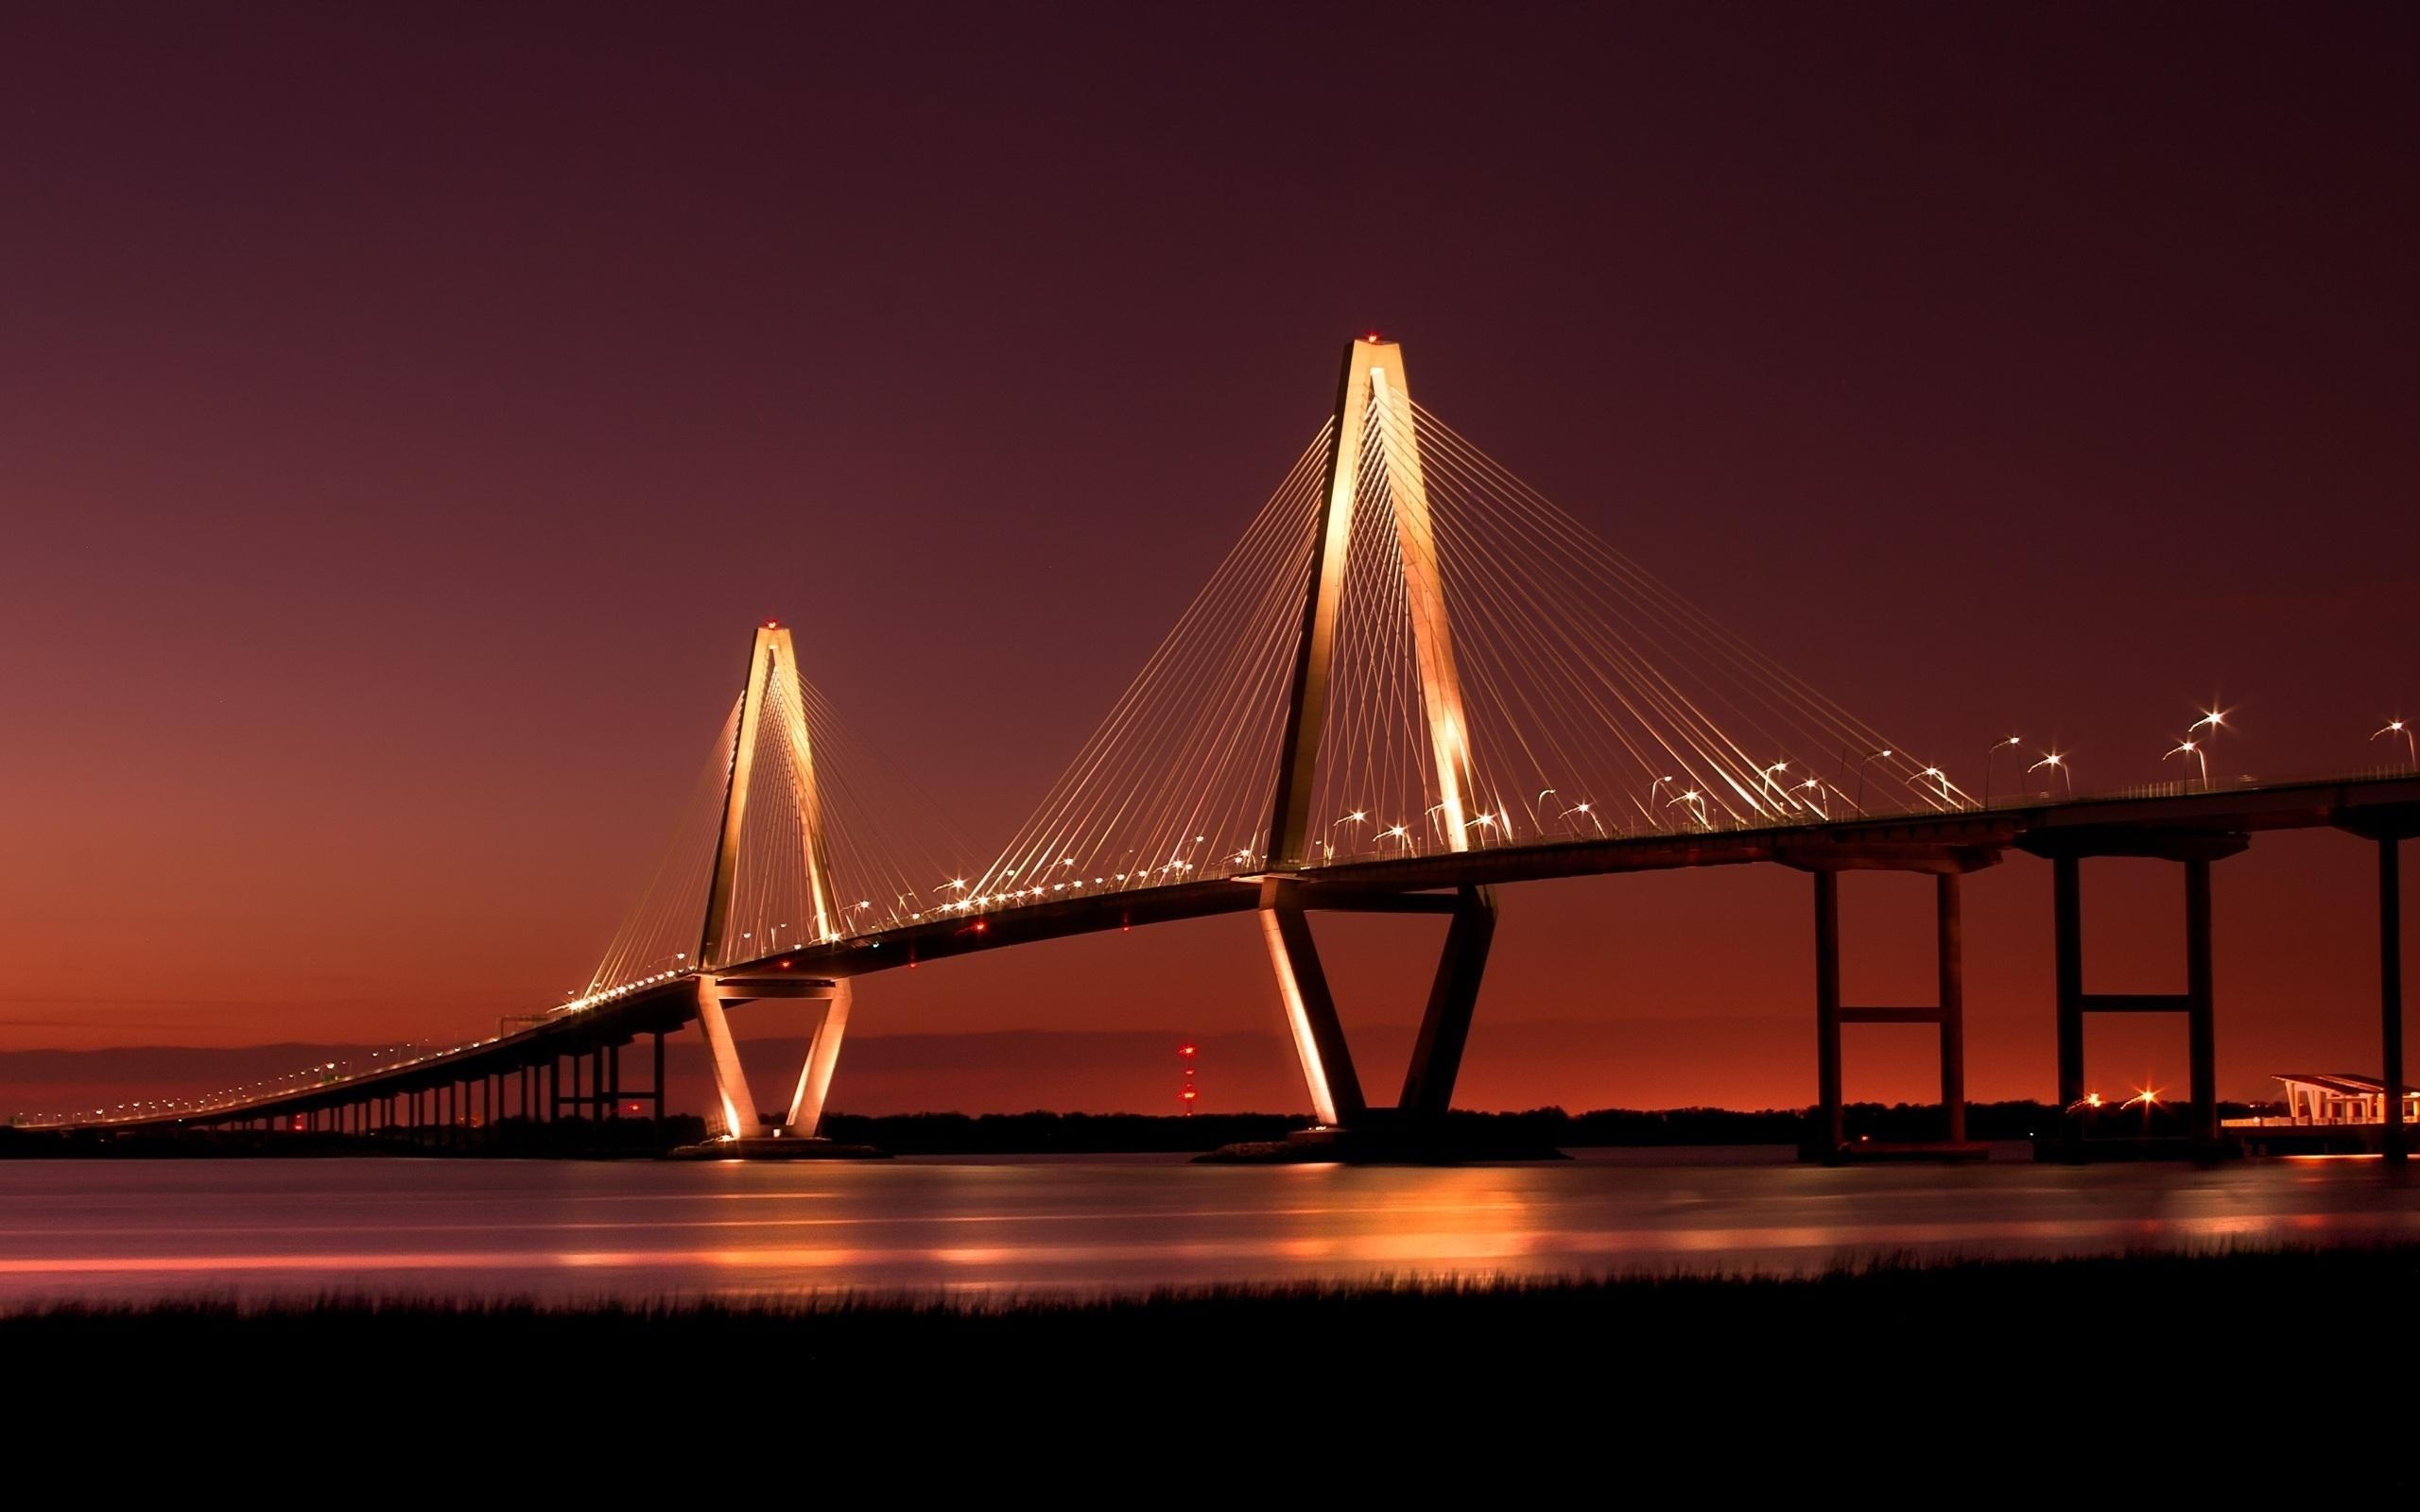 41491 скачать обои Мосты, Объекты, Пейзаж - заставки и картинки бесплатно